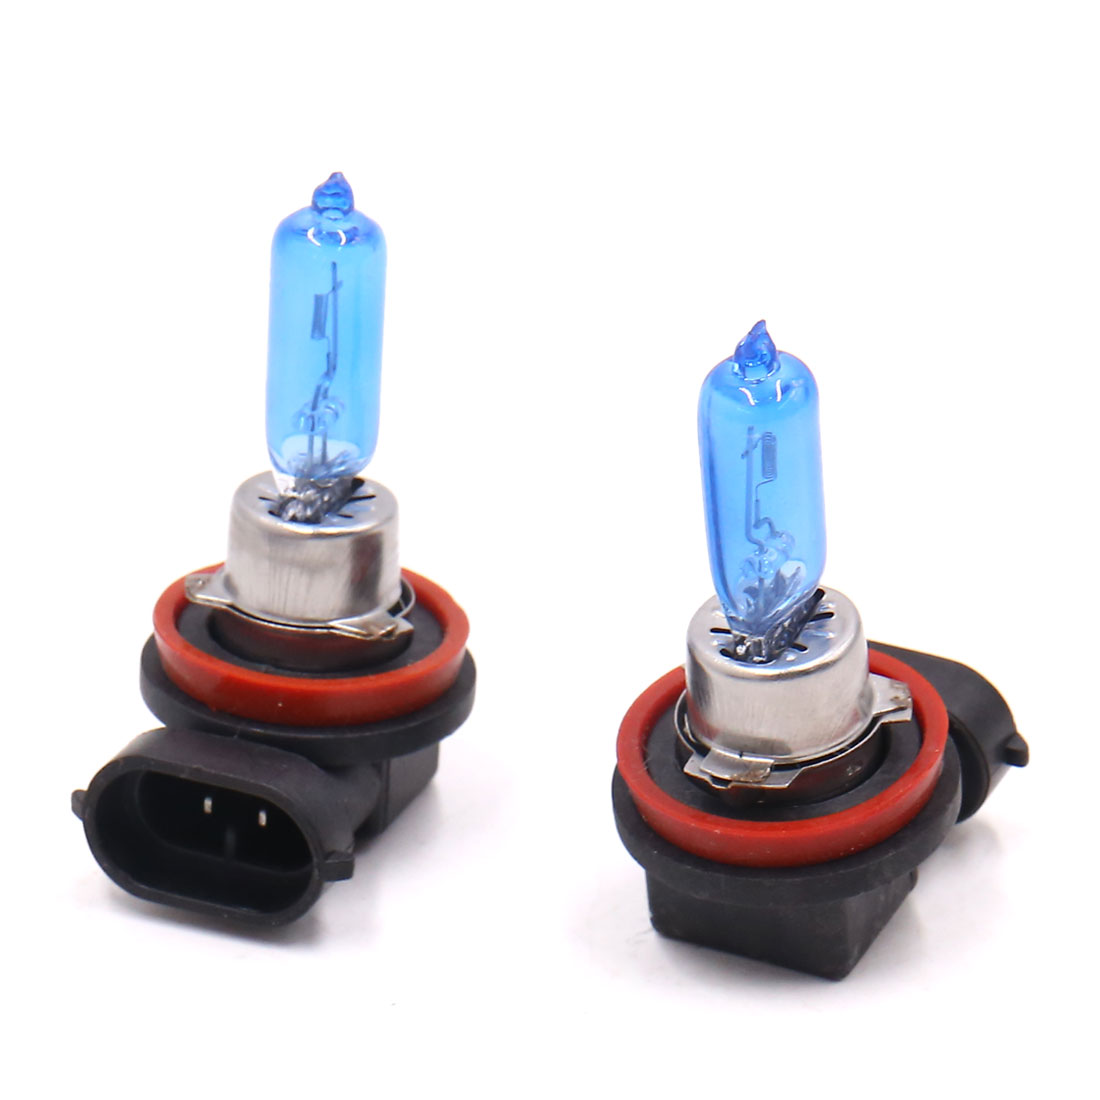 2pcs H9 12V 100W Glass Metal White Fog Light Halogen Lamp Xenon Bulb for Car